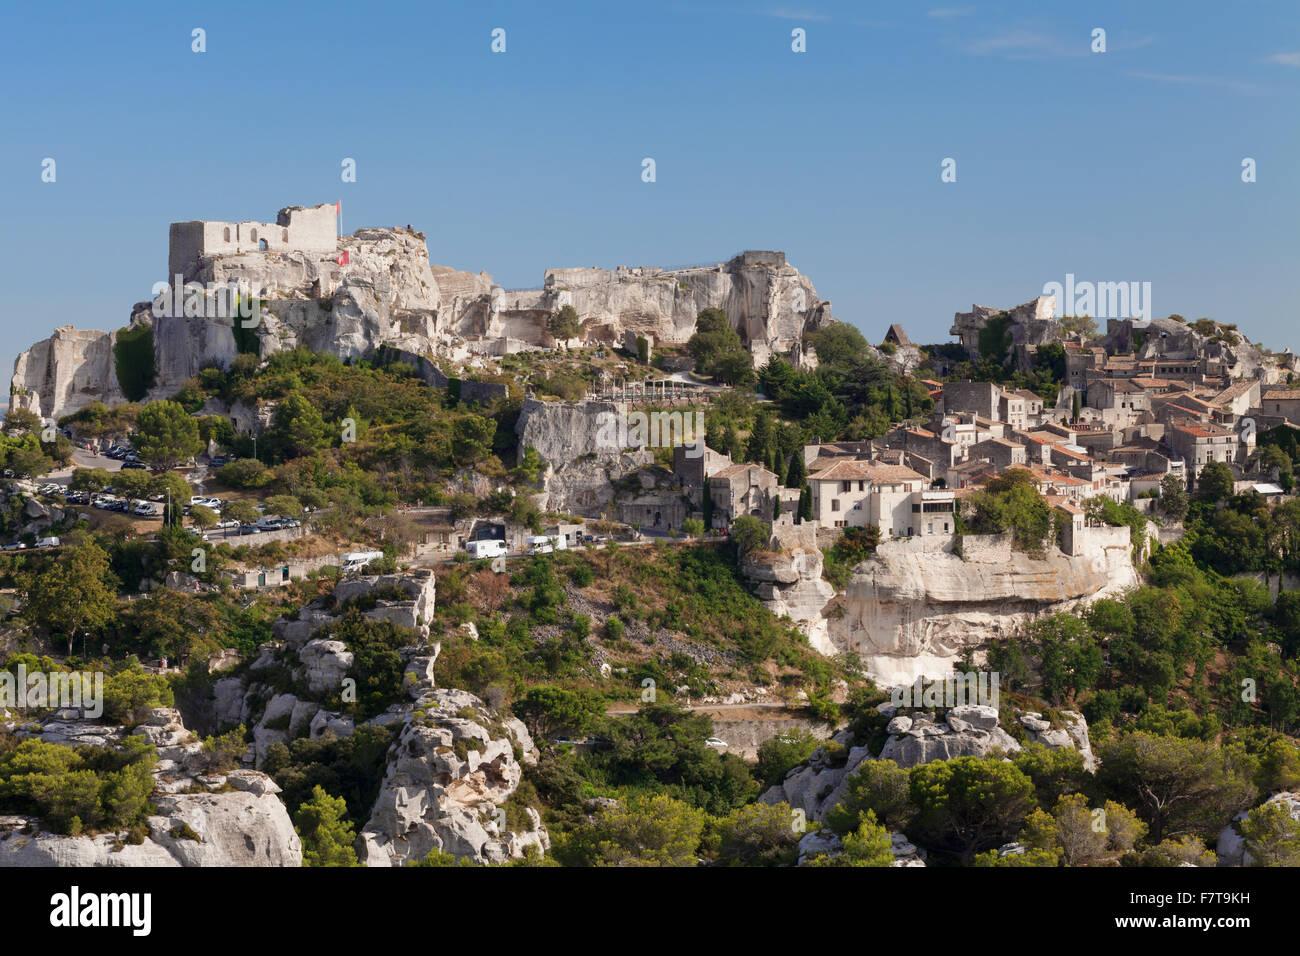 Mountain village Les Baux-de-Provence with castle ruins, Provence, Provence-Alpes-Cote d'Azur, Southern France, - Stock Image